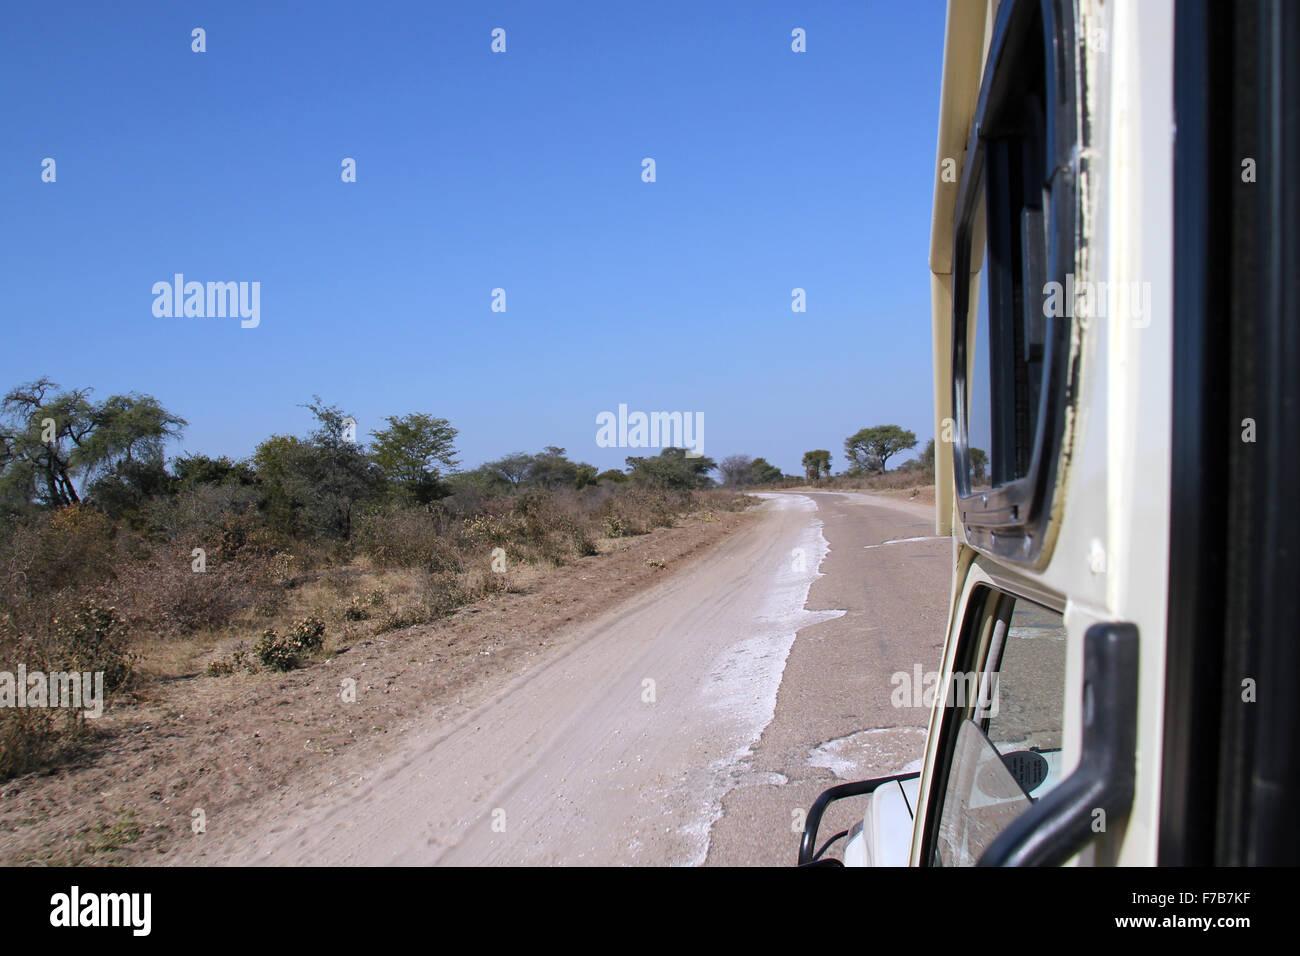 Sand Road between Maun and Okavango, Botswana - Stock Image